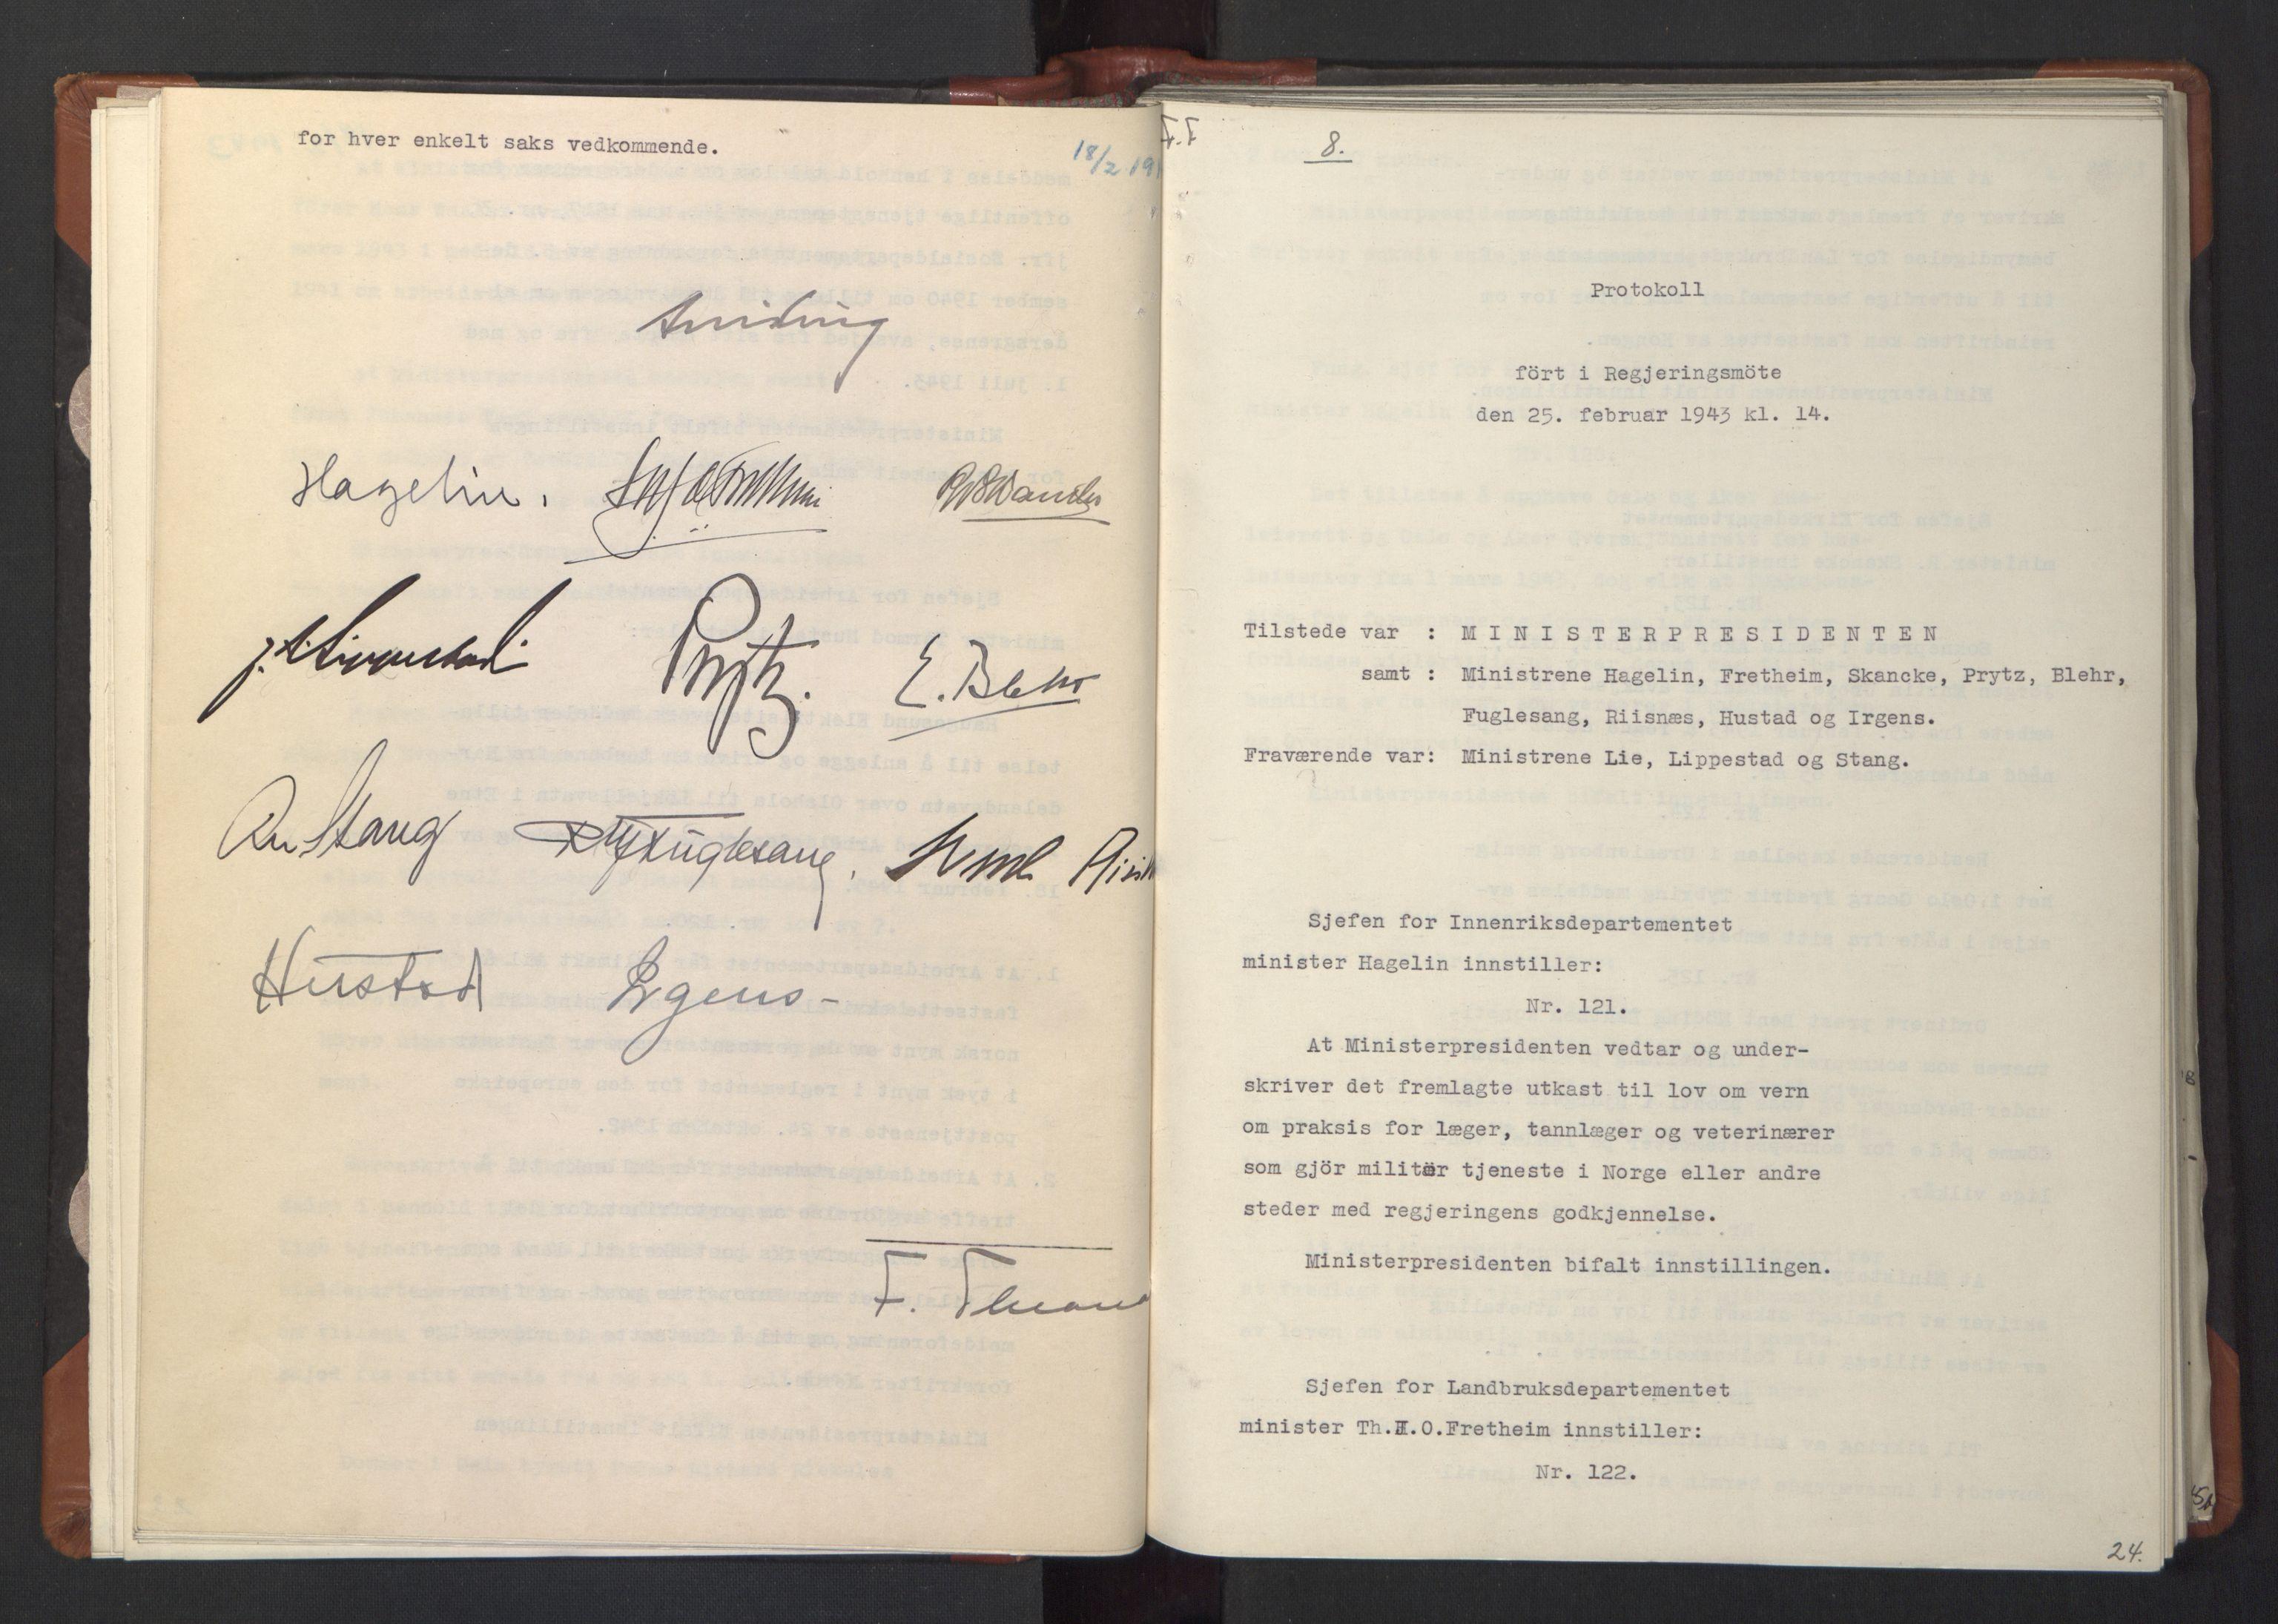 RA, NS-administrasjonen 1940-1945 (Statsrådsekretariatet, de kommisariske statsråder mm), D/Da/L0003: Vedtak (Beslutninger) nr. 1-746 og tillegg nr. 1-47 (RA. j.nr. 1394/1944, tilgangsnr. 8/1944, 1943, s. 23b-24a